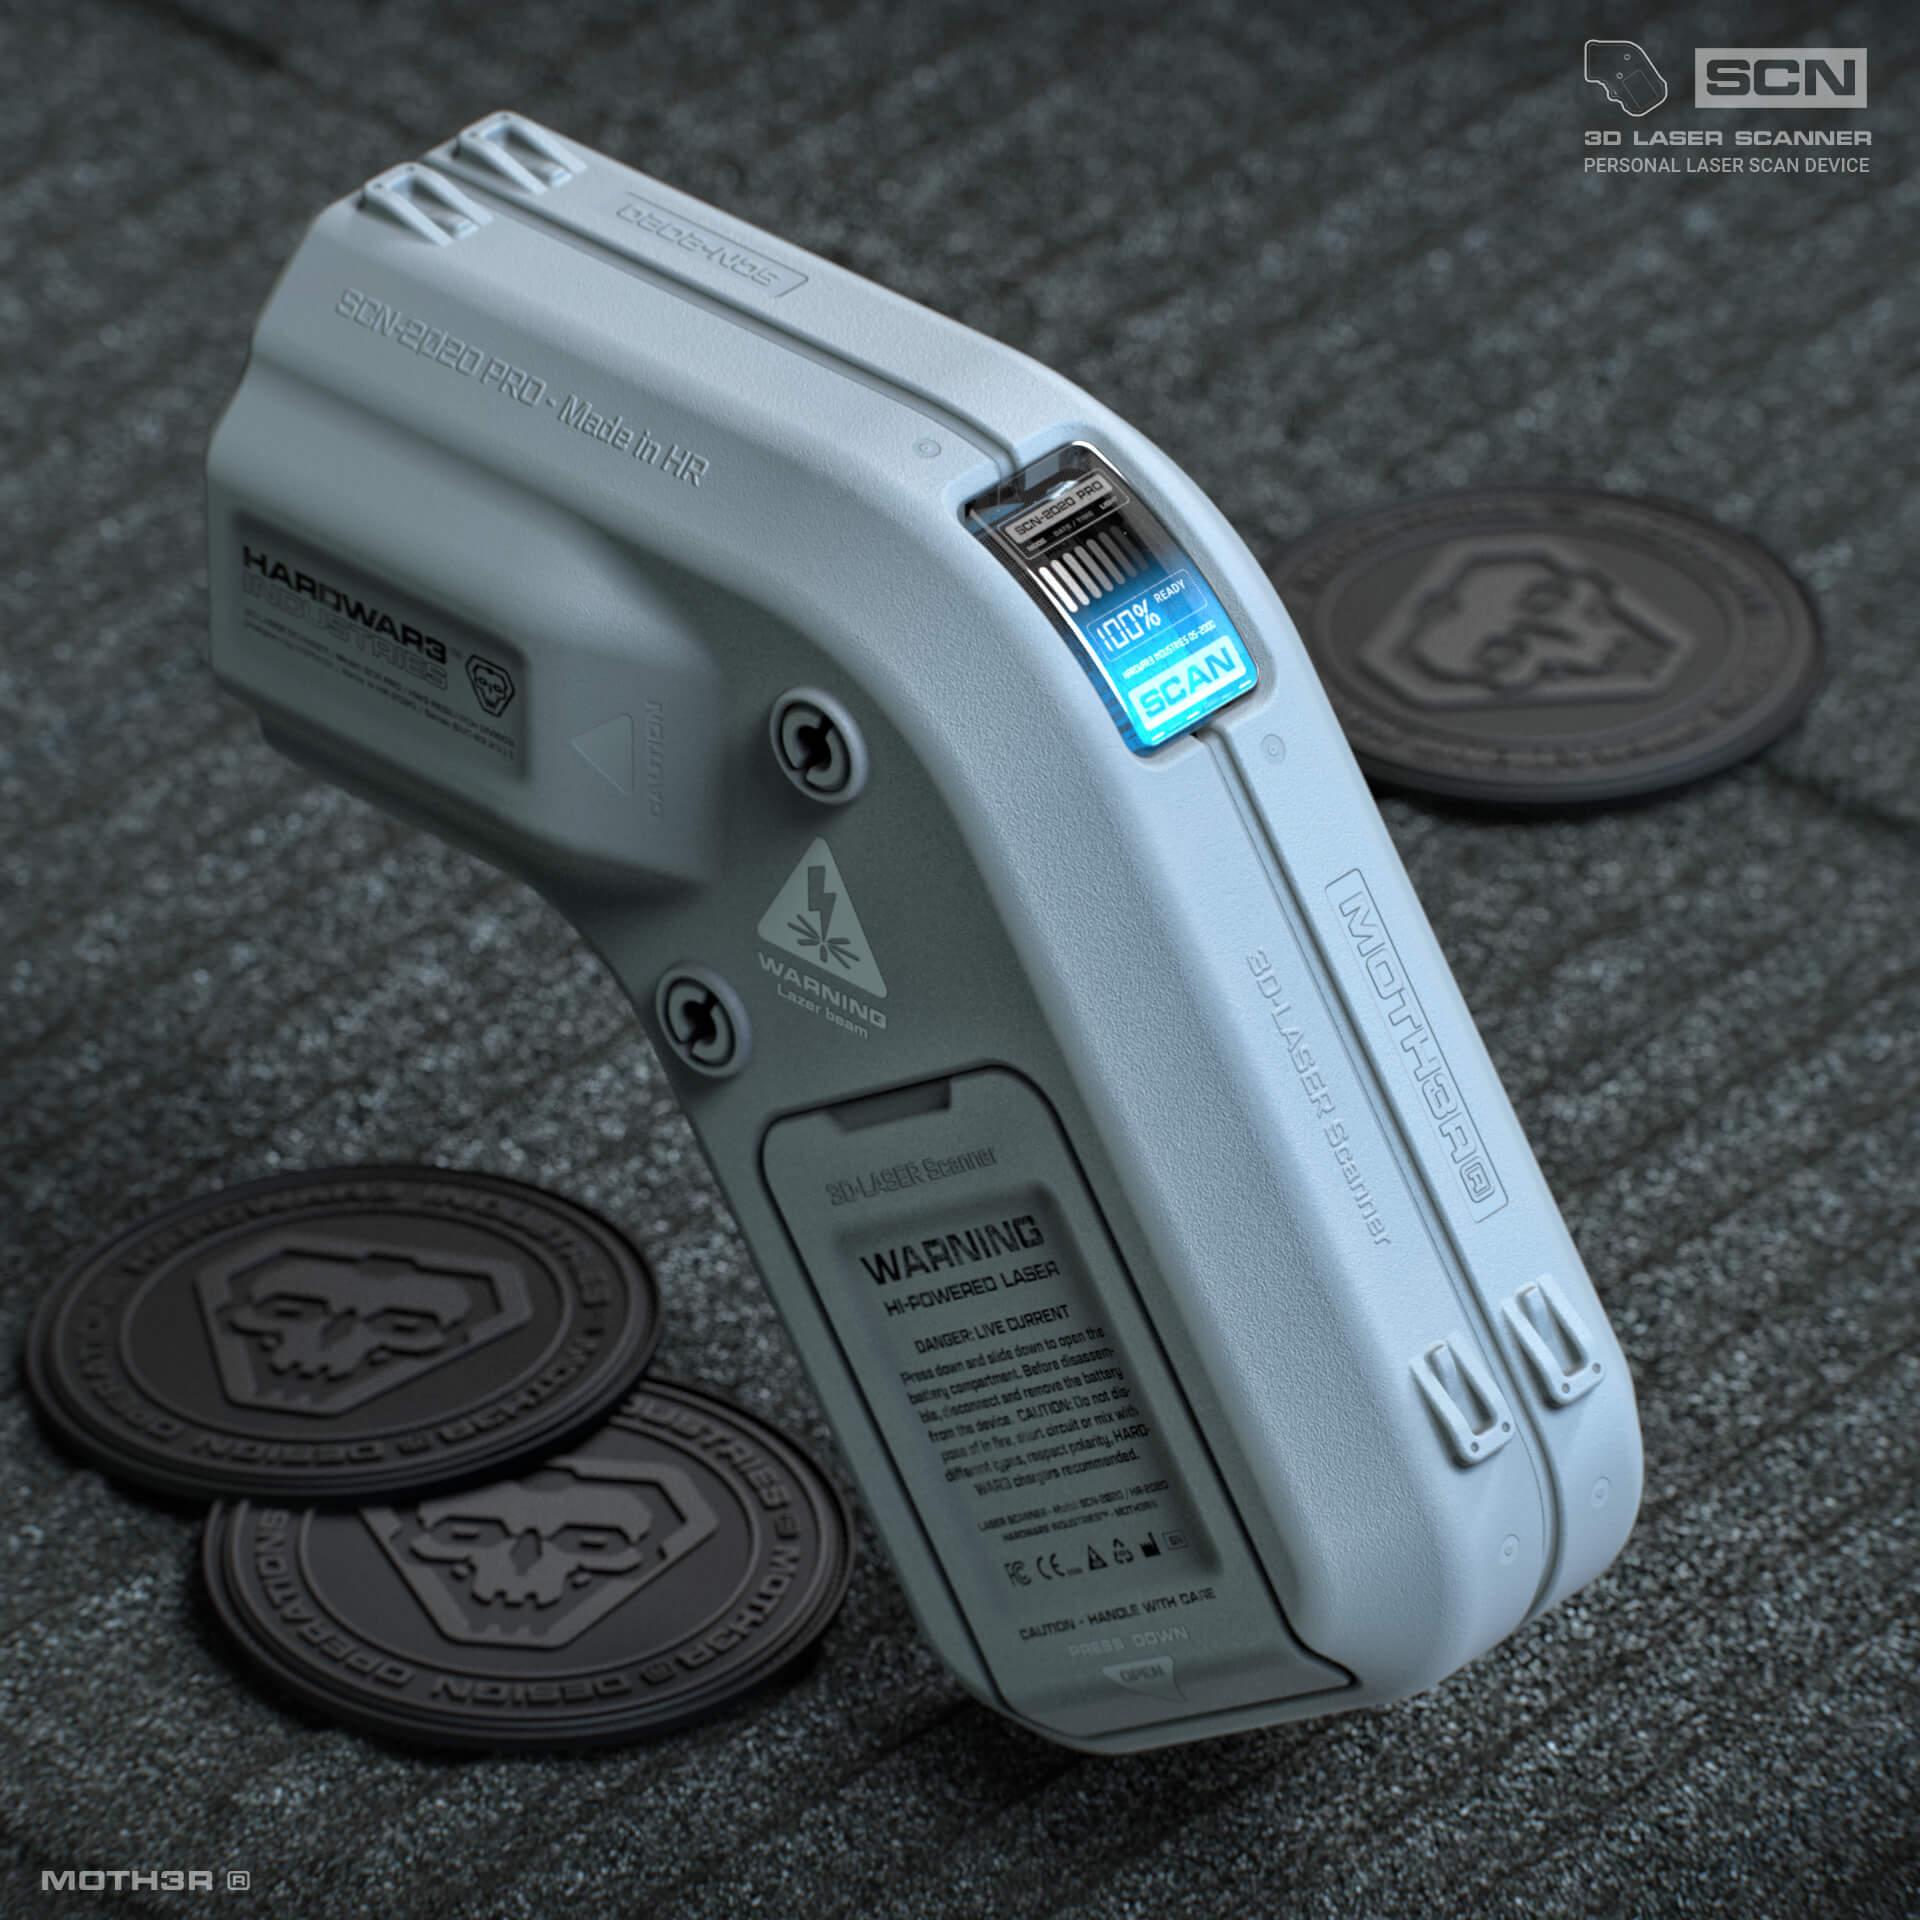 Scanner-001.90